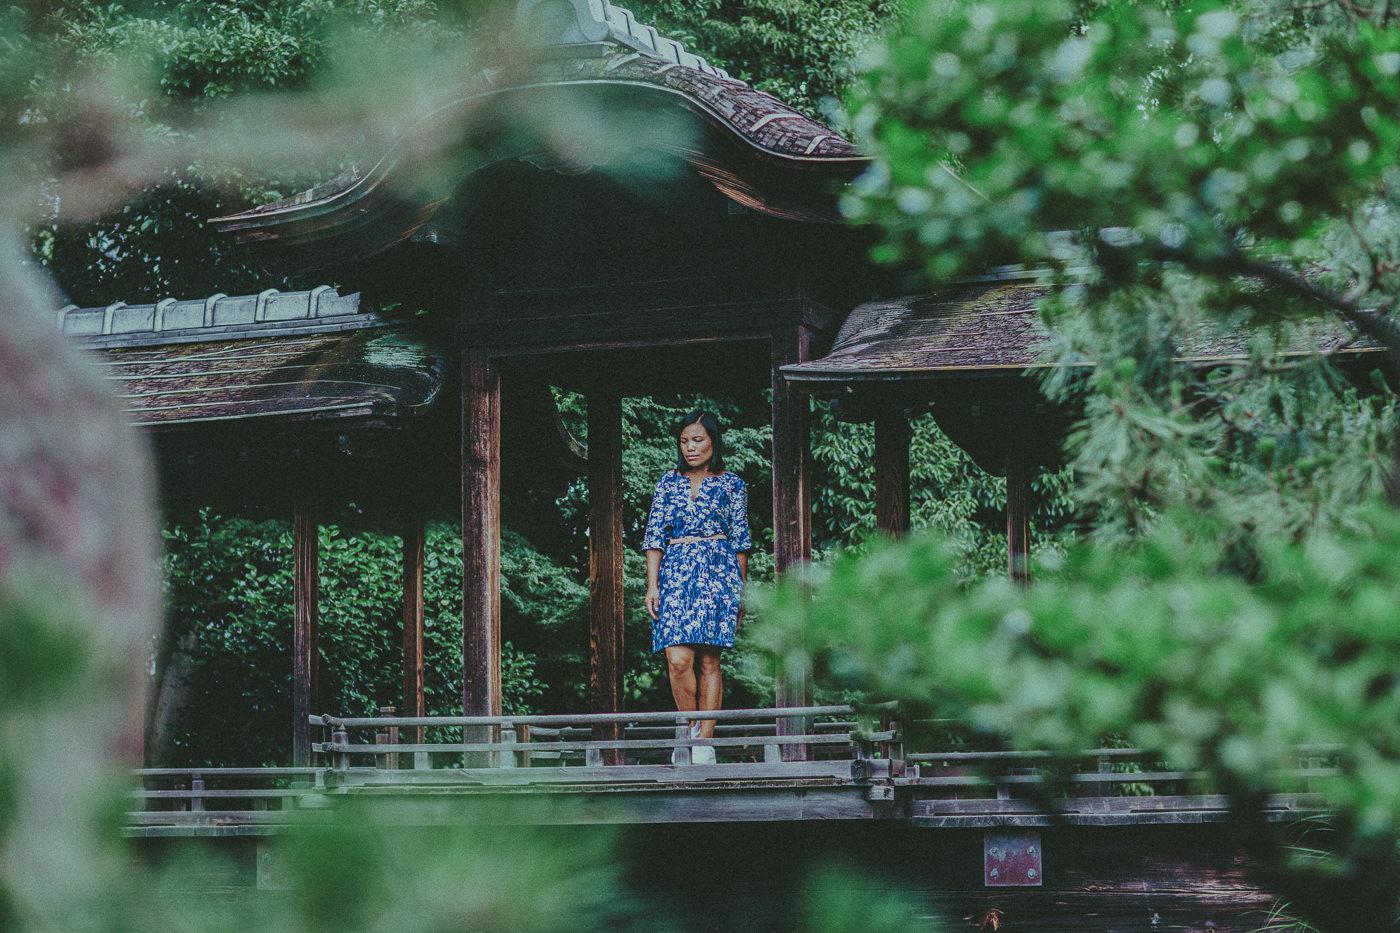 asian girl in gardens - melbourne blogger